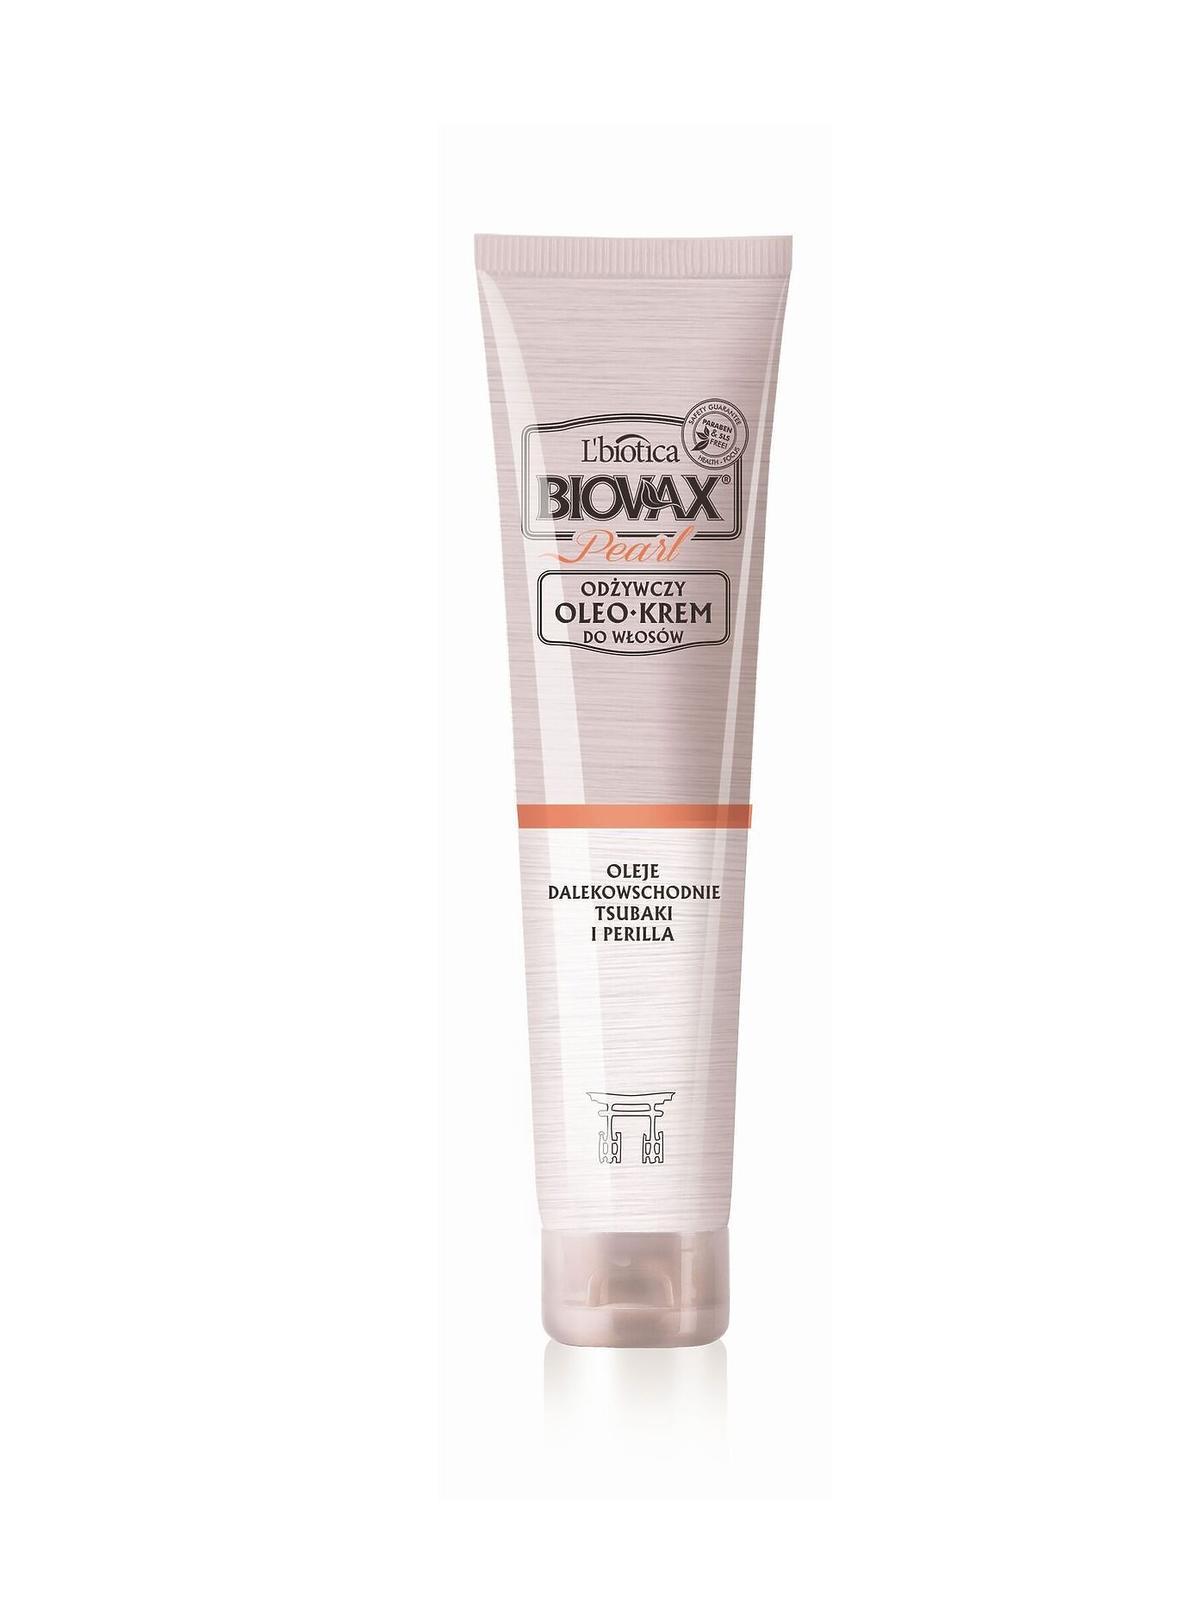 L'biotica, Biovax Glamour Pearl, odżywczy OleoKrem do włosów - Oleje dalekowschodnie Tsubaki i Perilla